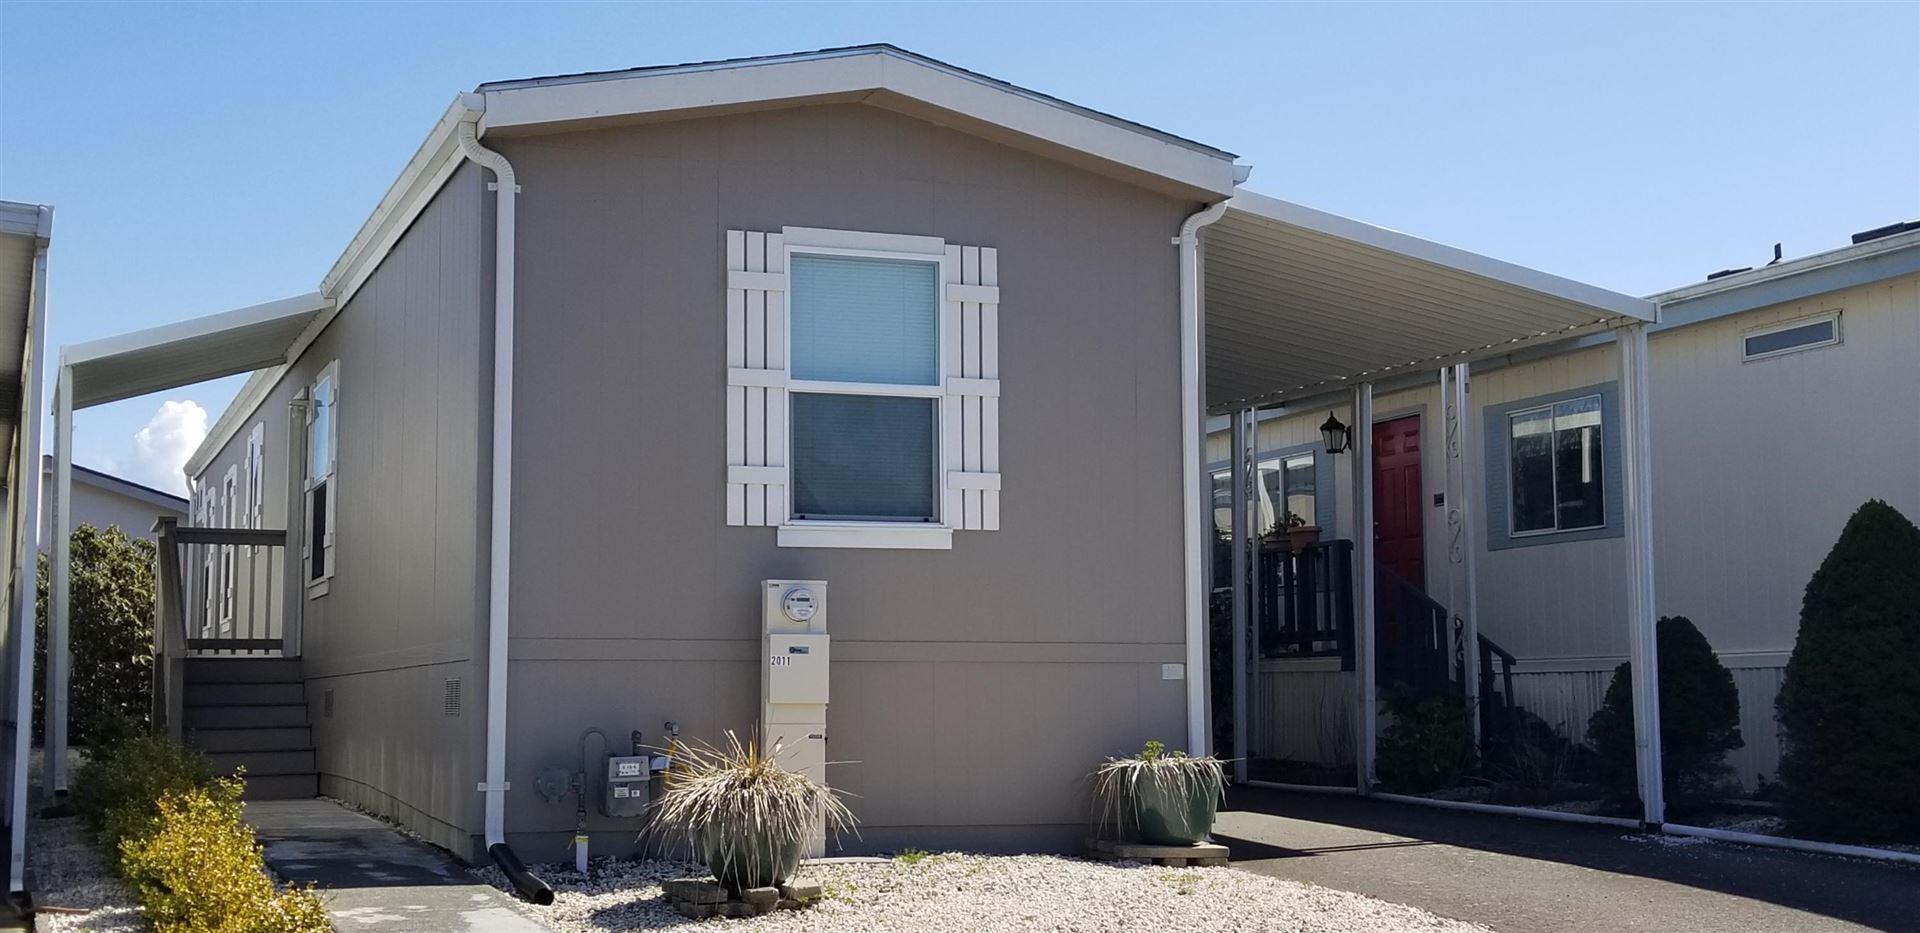 2011 Hummingbird Drive, McKinleyville, CA 95519 - MLS#: 256245